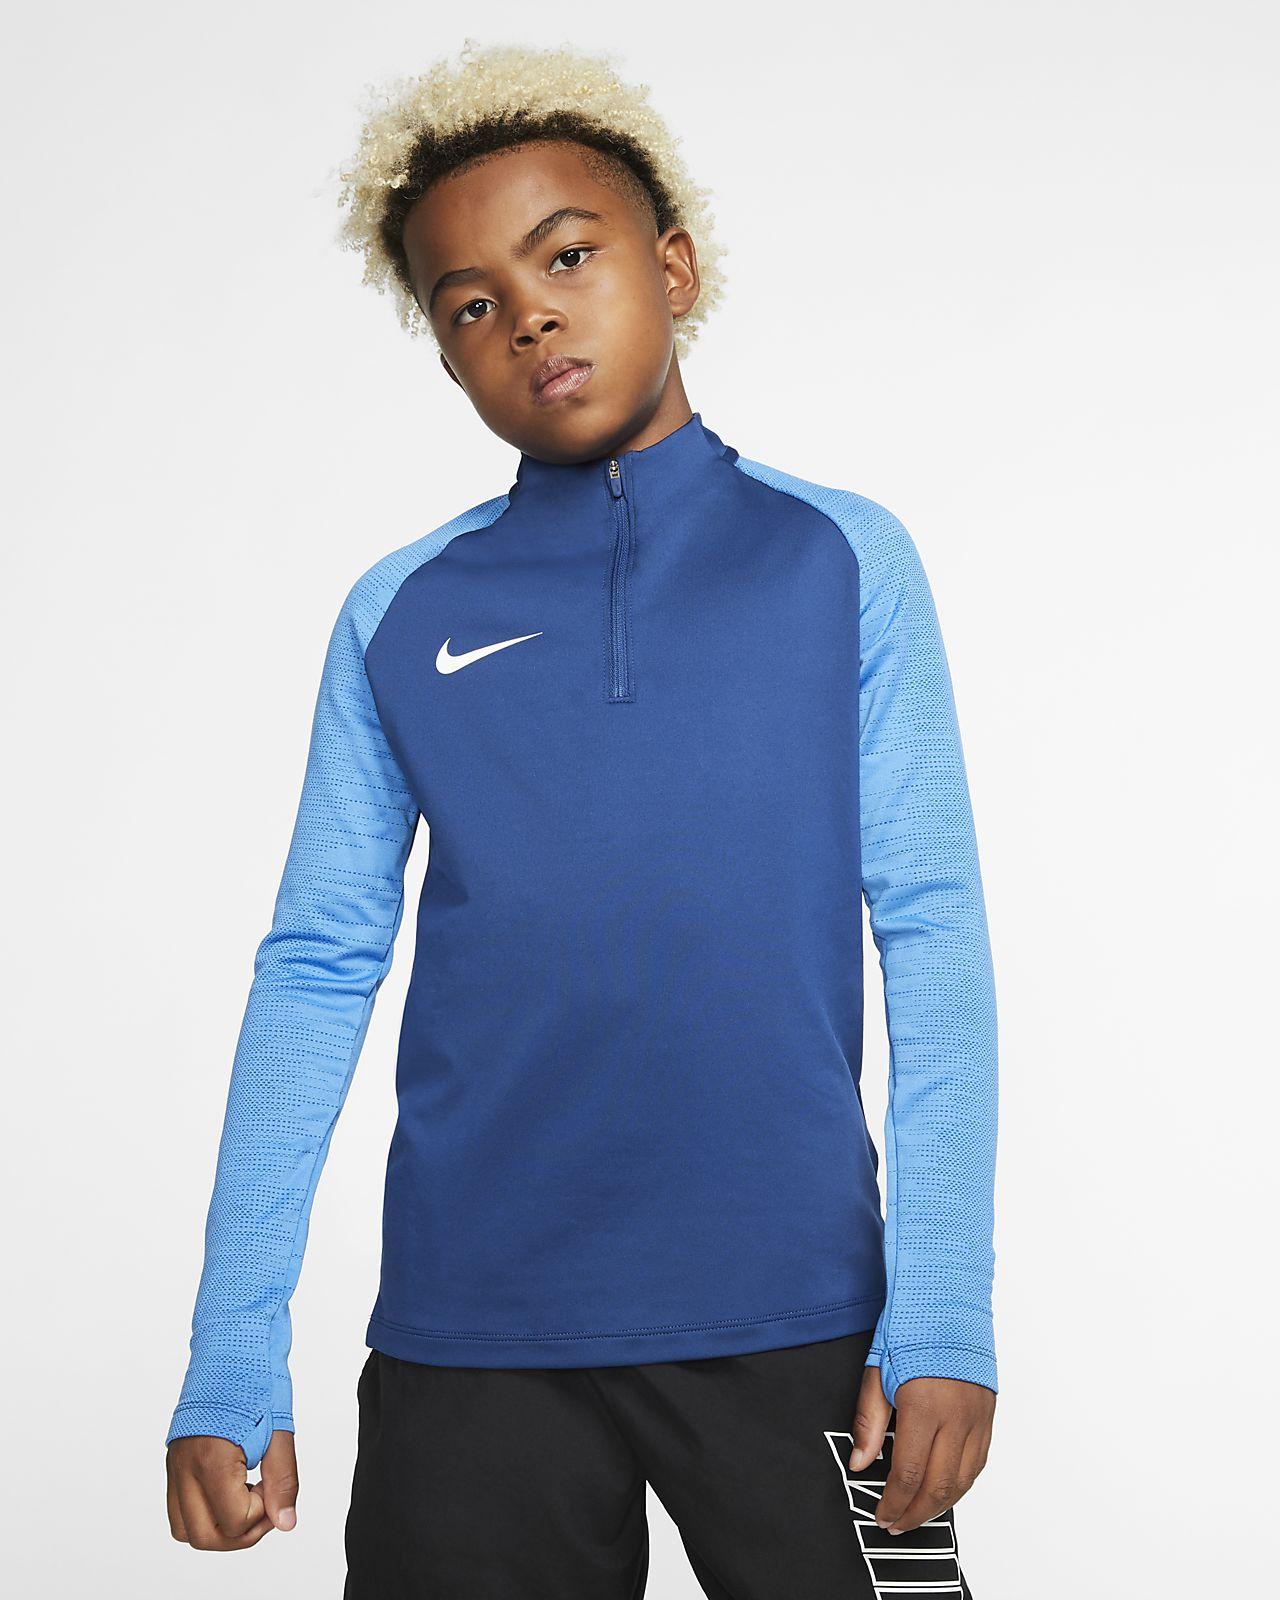 Nike Dri-FIT Strike Camiseta de fútbol de entrenamiento - Niño/a